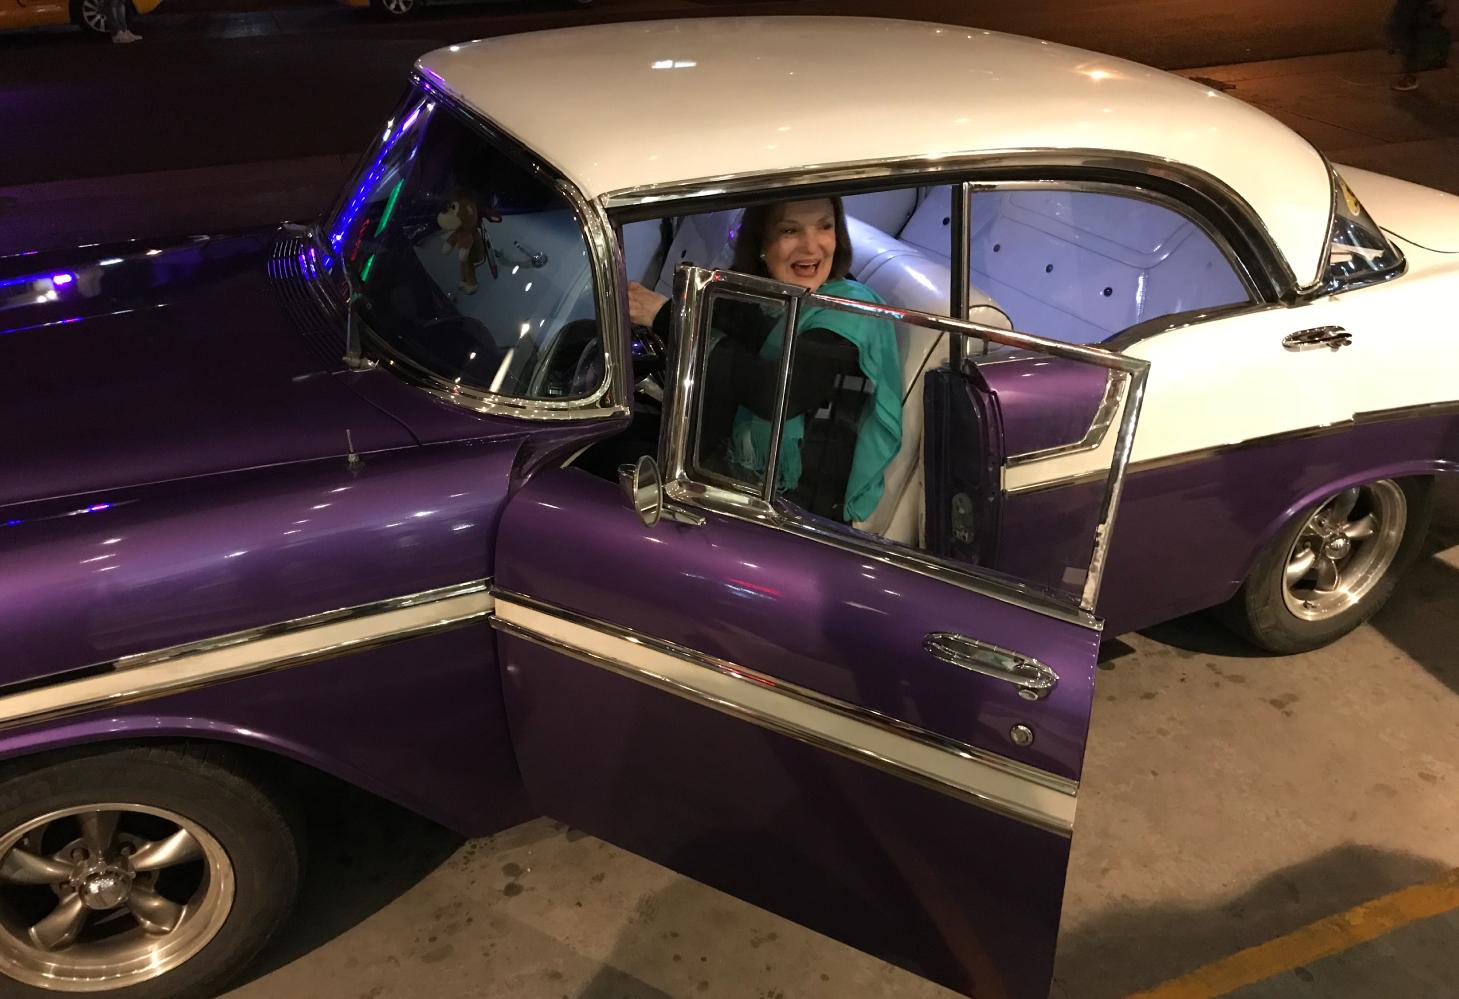 suzanne delehanty in an old Purple Car